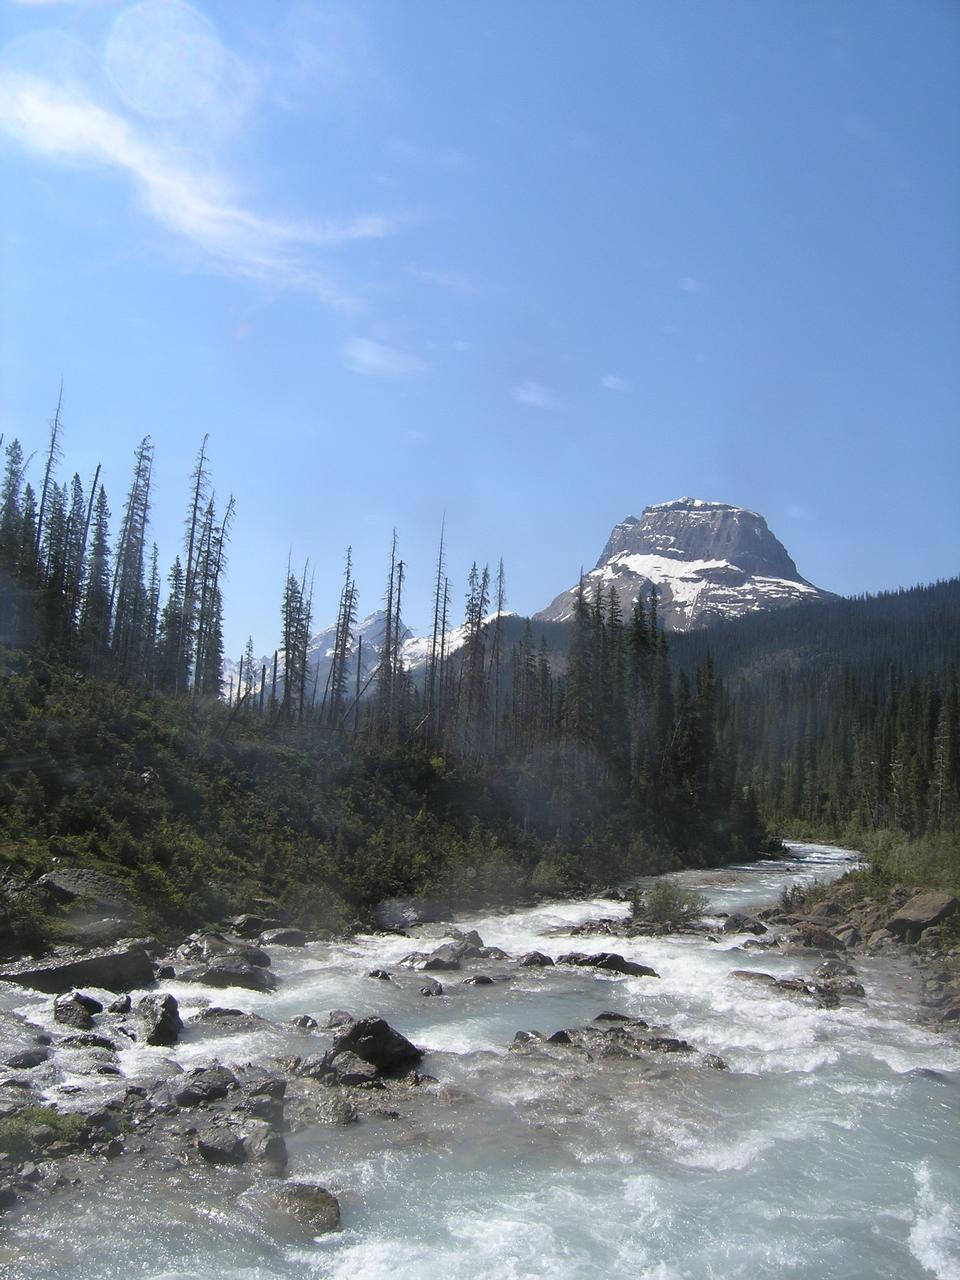 ヨーホー国立公園の観光名所